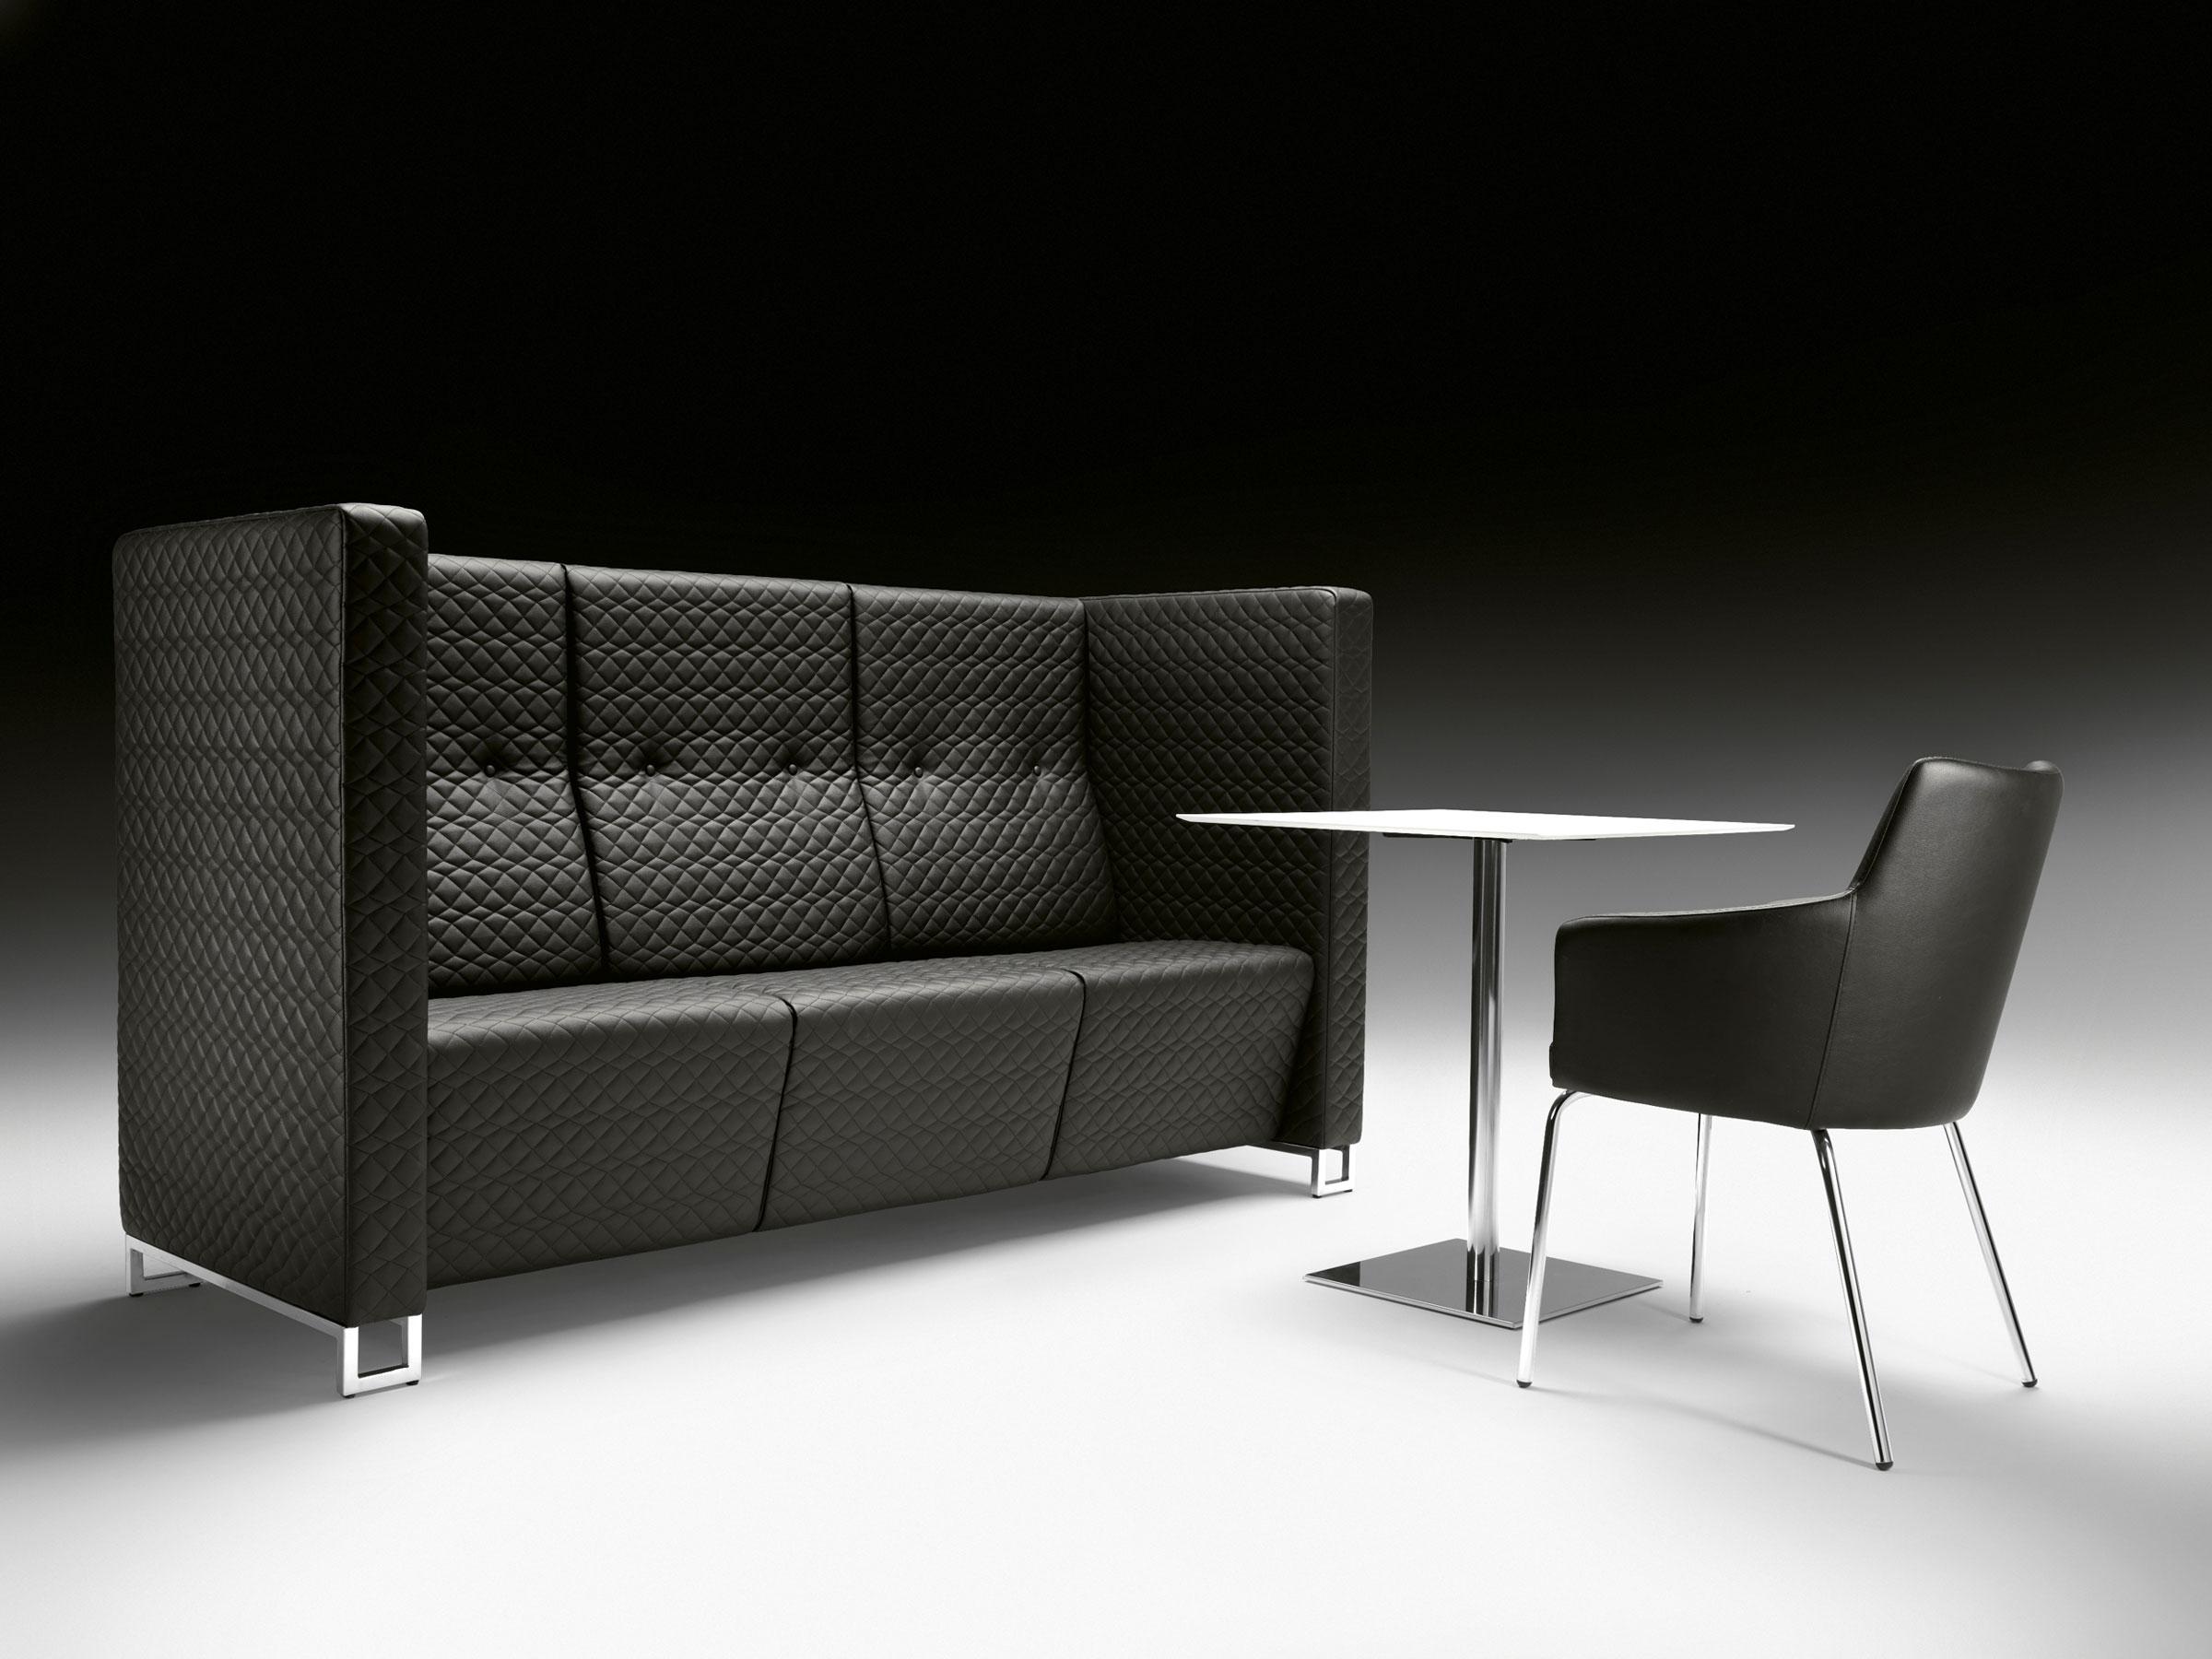 Panca modulare modus per un arredo funzionale ed elegante degart - Un divano per dodici ...